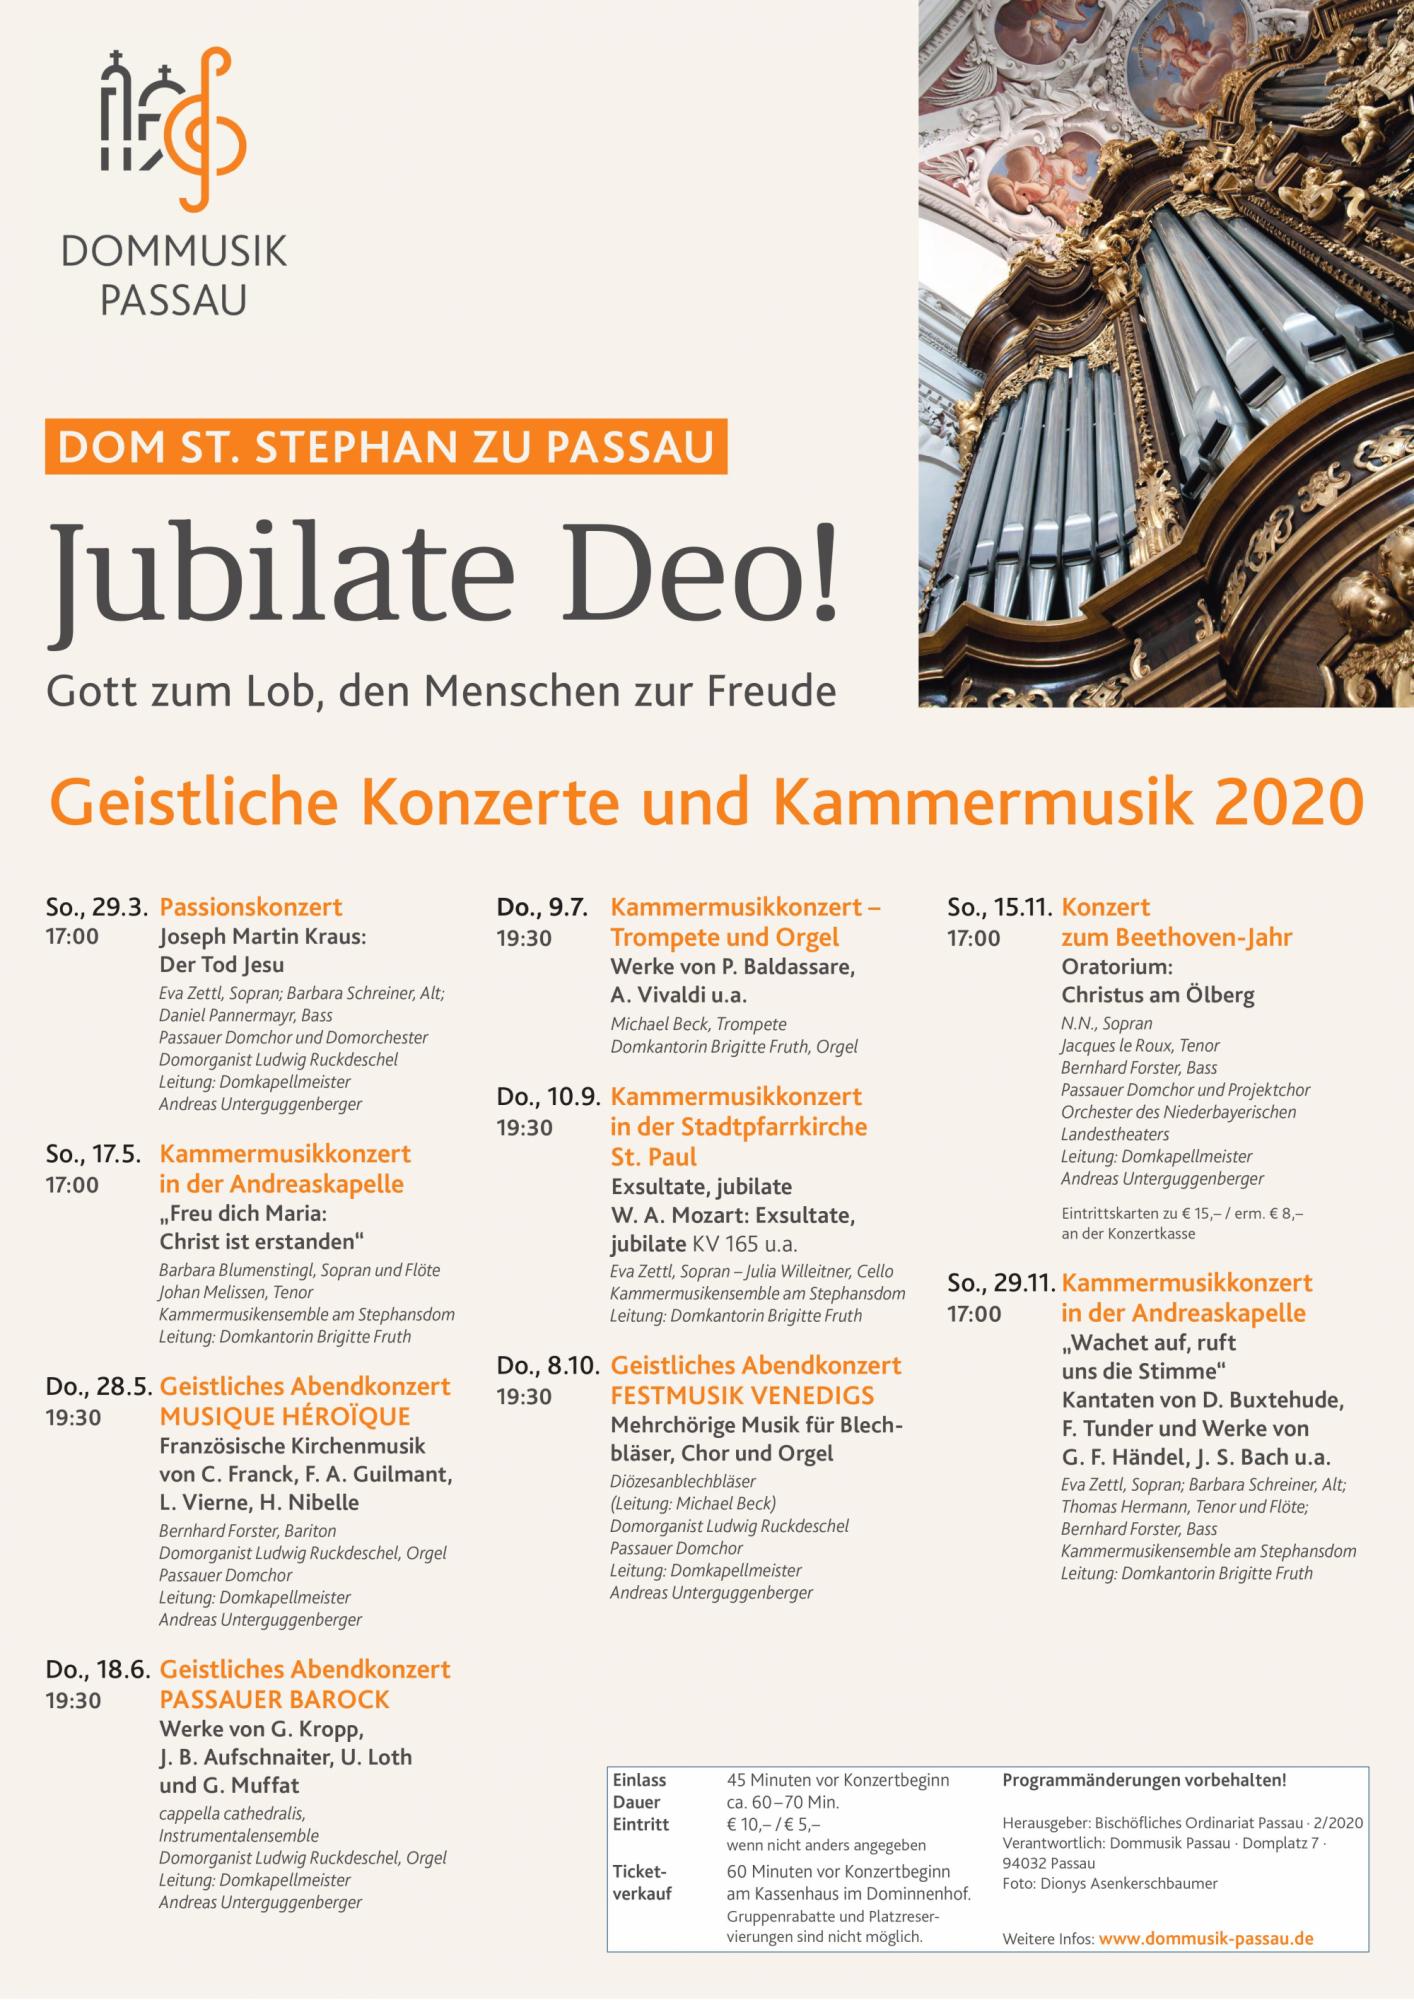 Dommusik 2020 Geistliche Konzerte Plakat 1